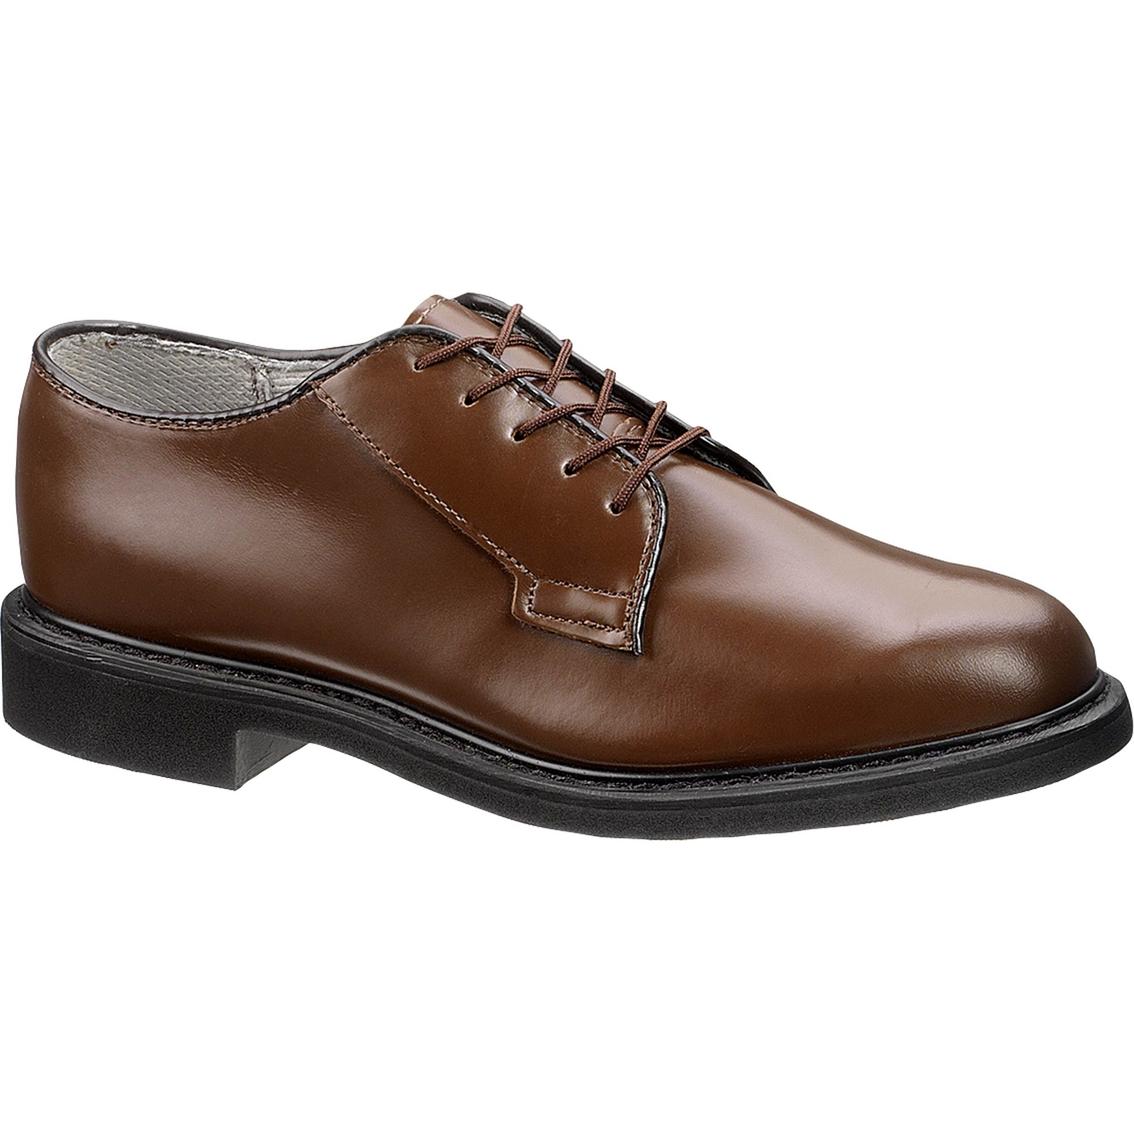 c0f9857d29 Bates Lites Men's Leather Oxford Shoes   Dress   Shoes   Shop The ...